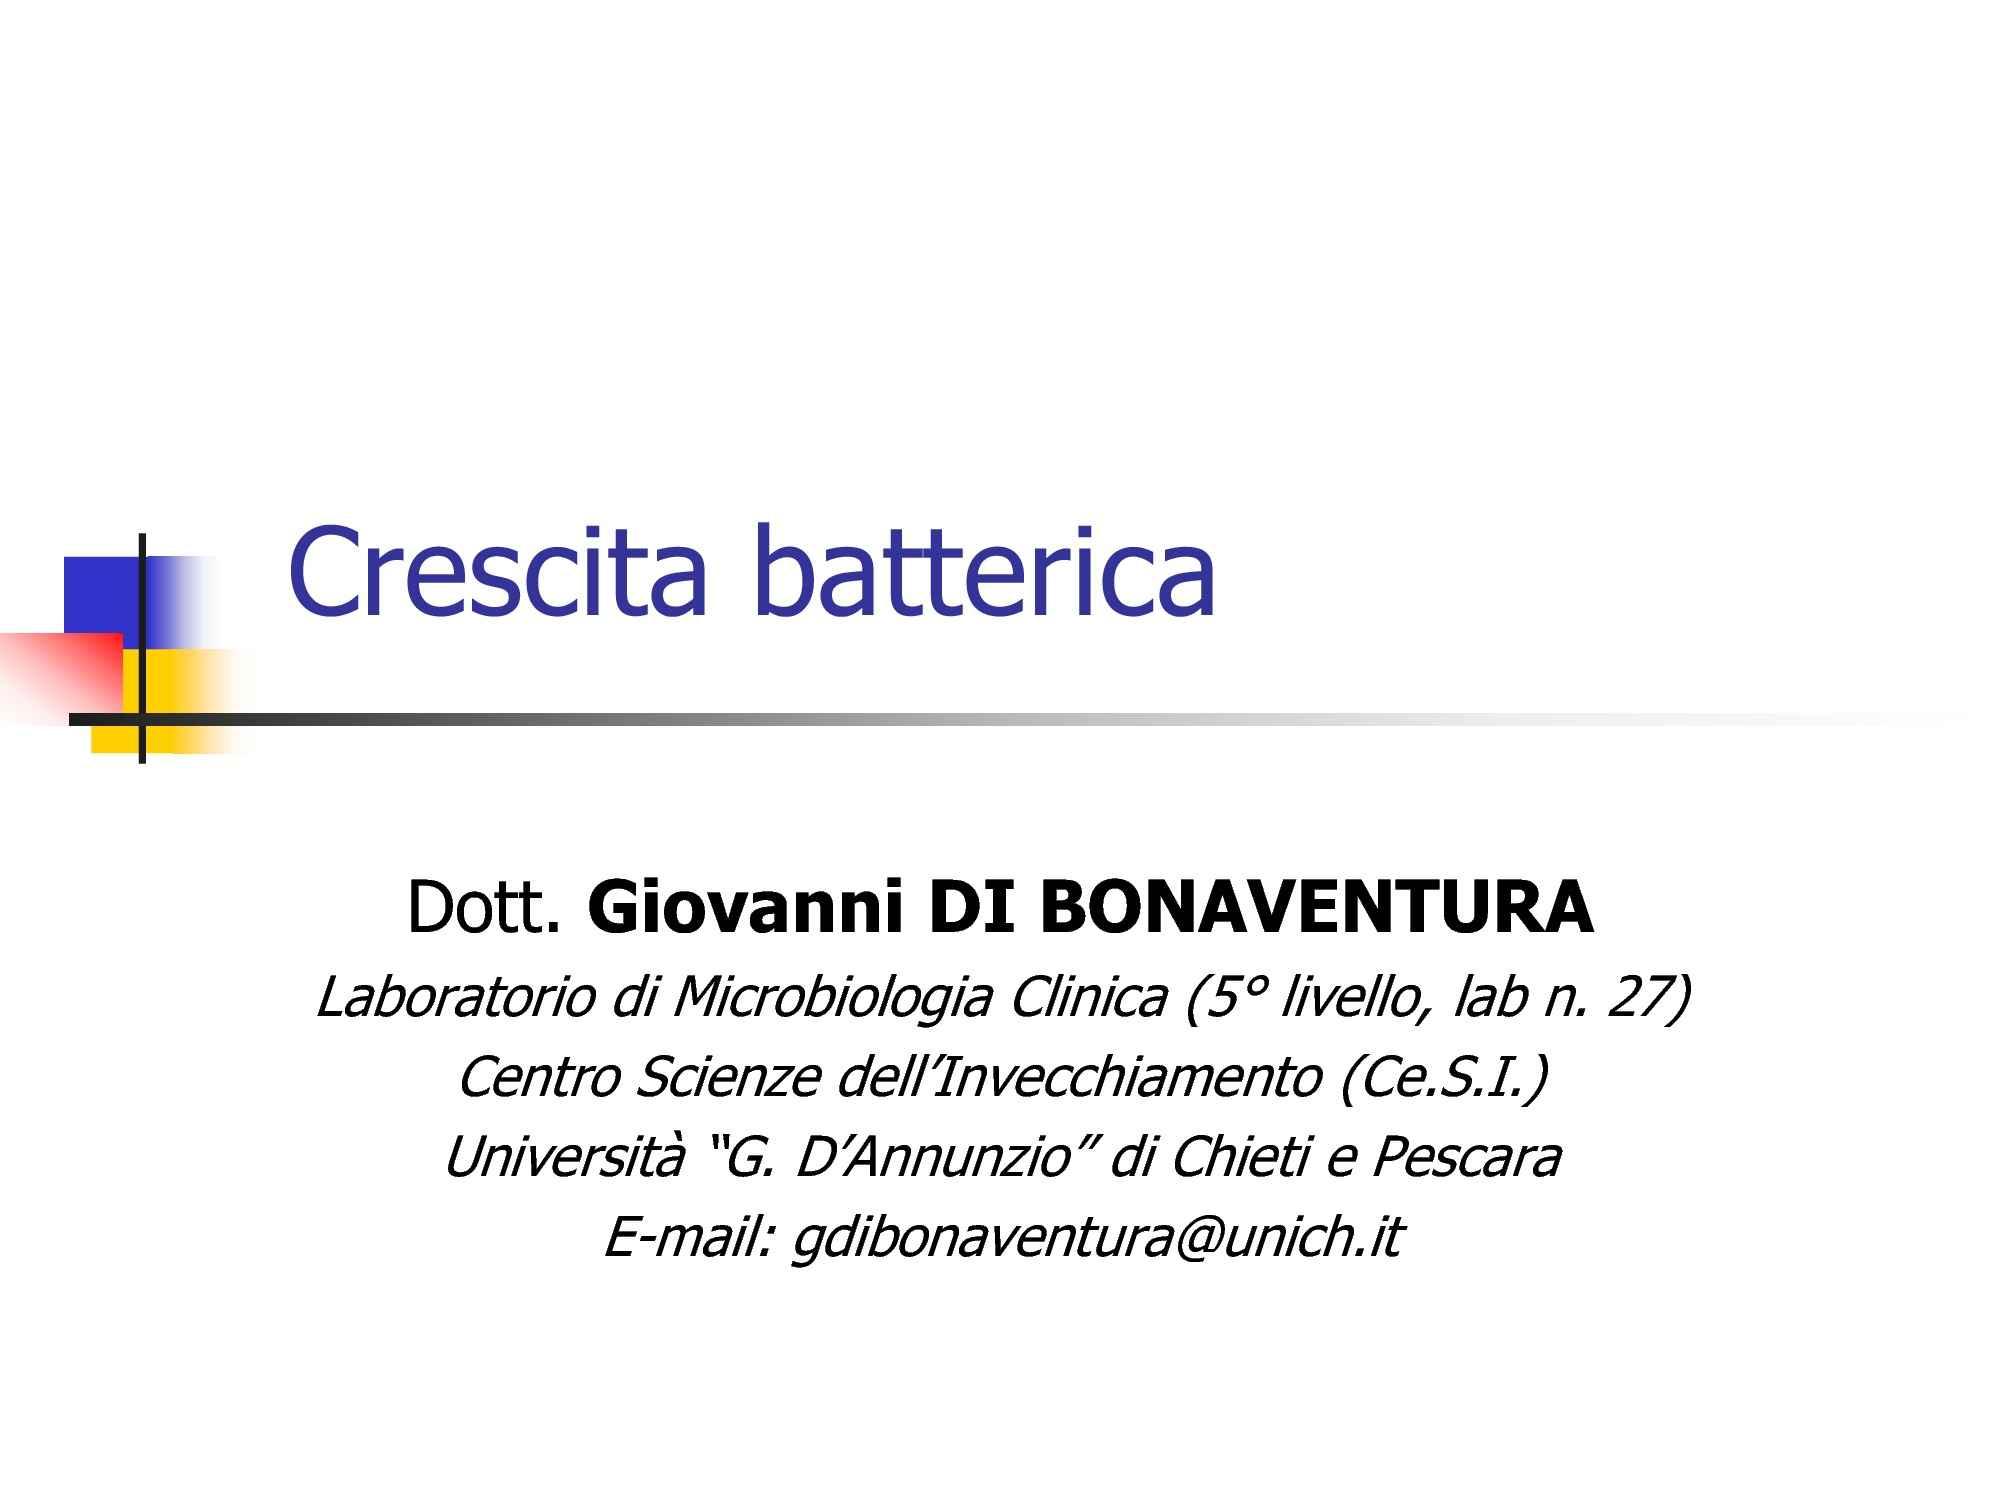 Batteri - Crescita batterica e divisione cellulare